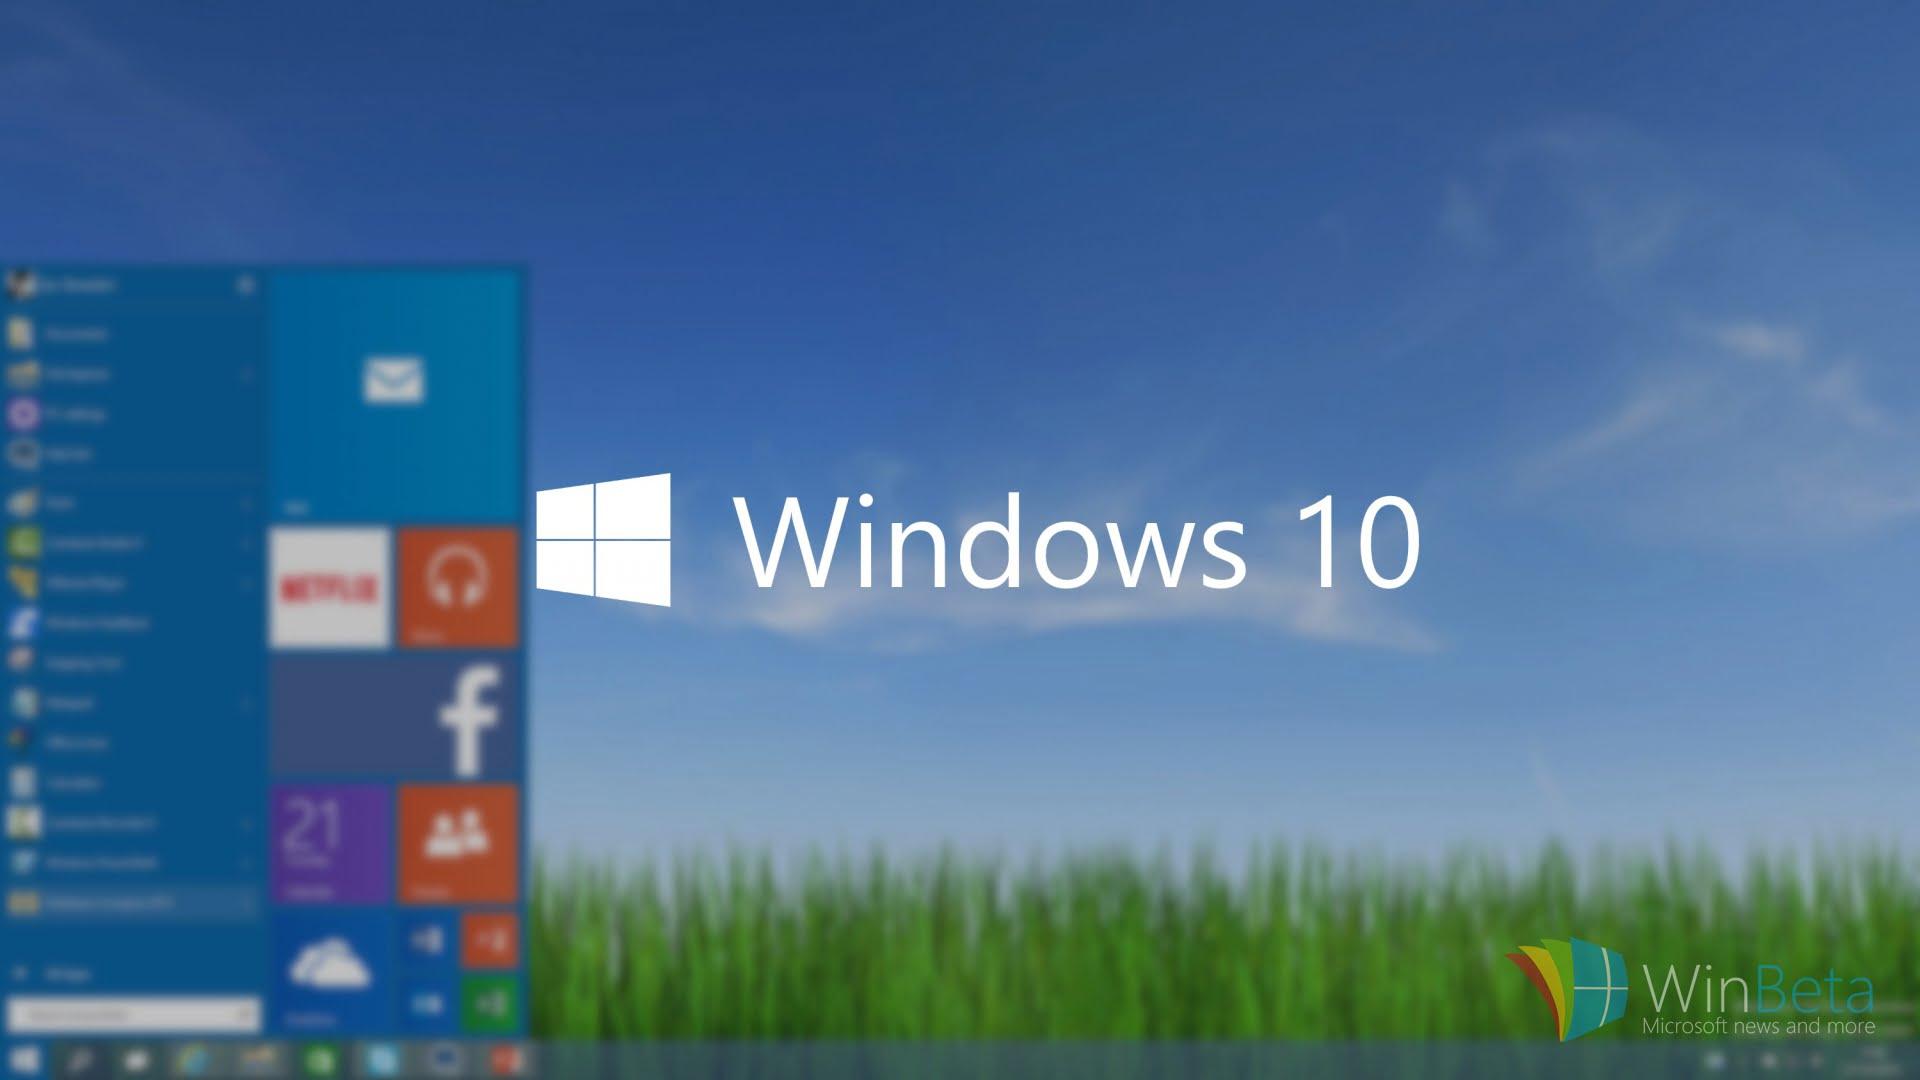 Πώς να κάνω δωρεάν αναβάθμιση στα Windows 10;